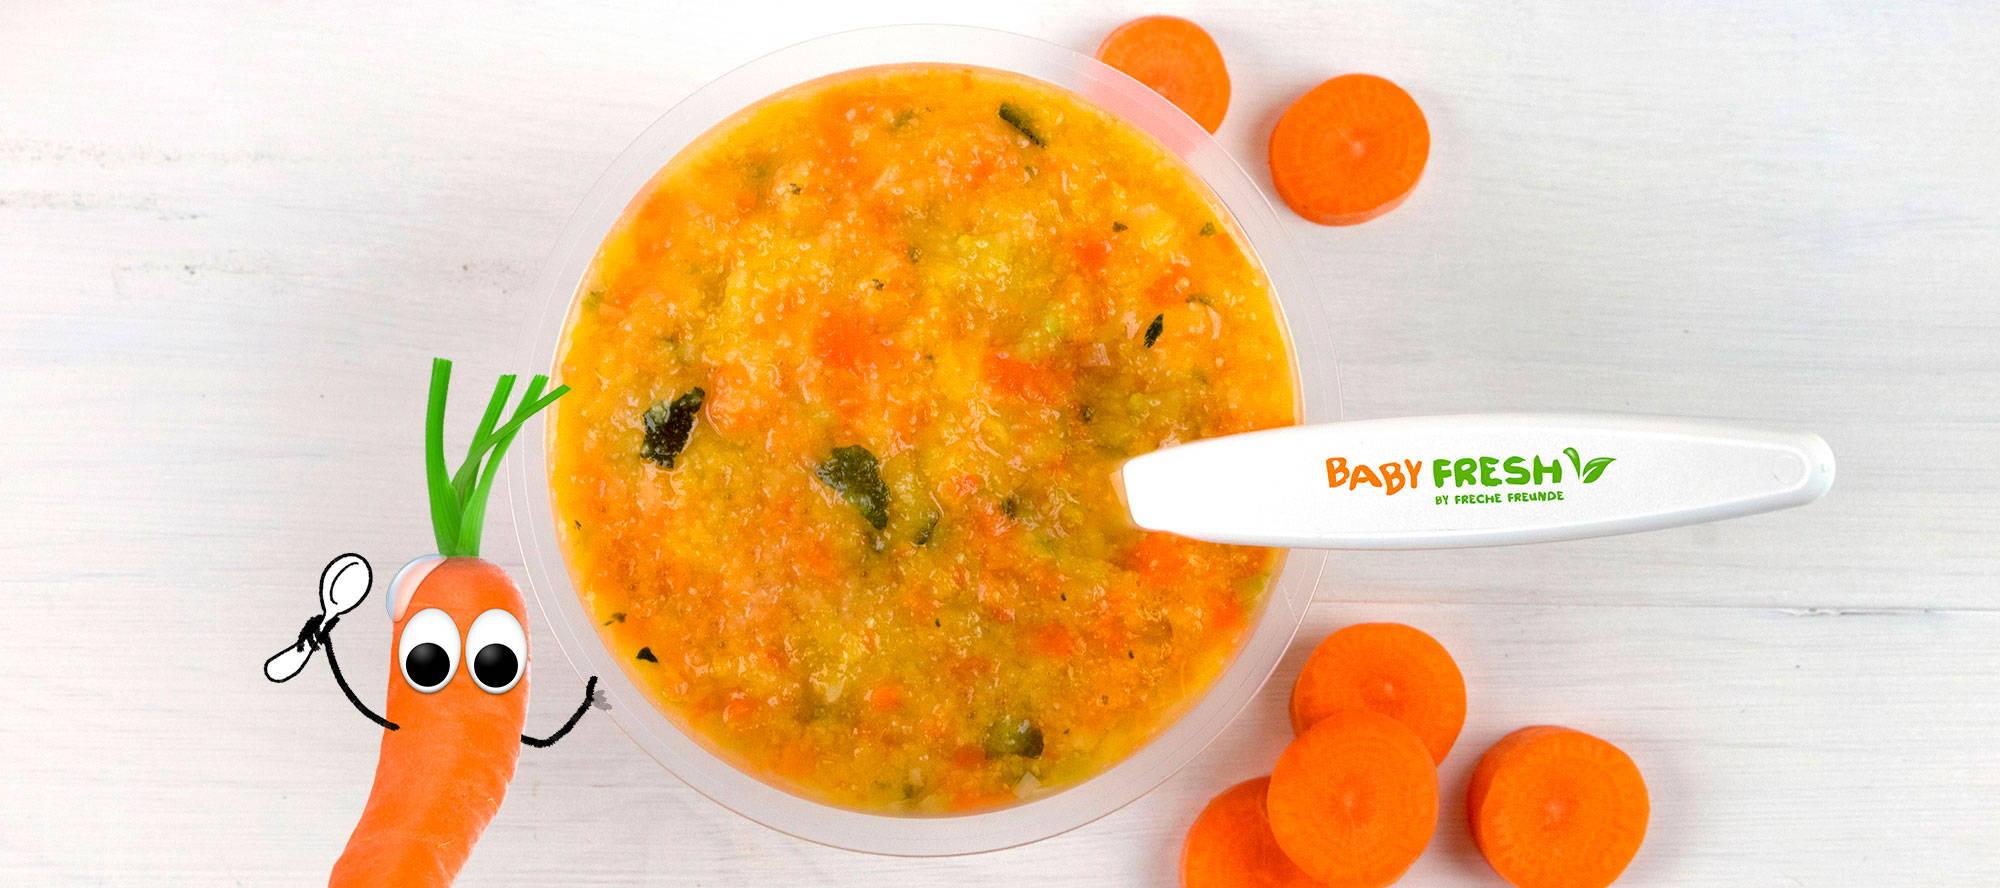 Möhre Karotte Baby Fresh Babynahrung Beikost Becher Beikostbecher